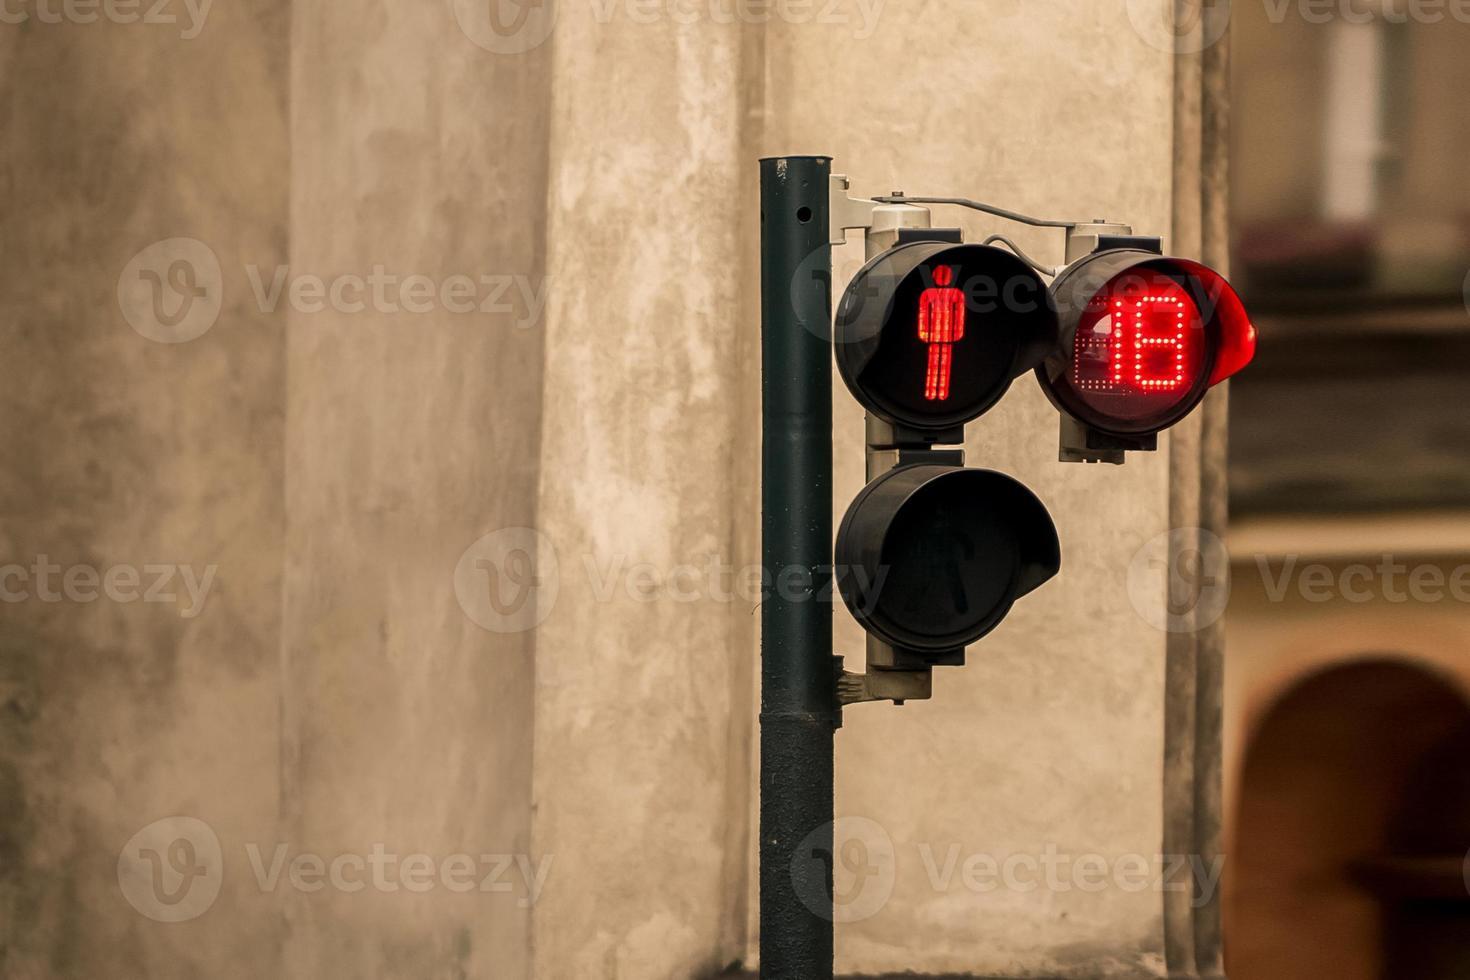 metaforo di soli semafori per adulti foto